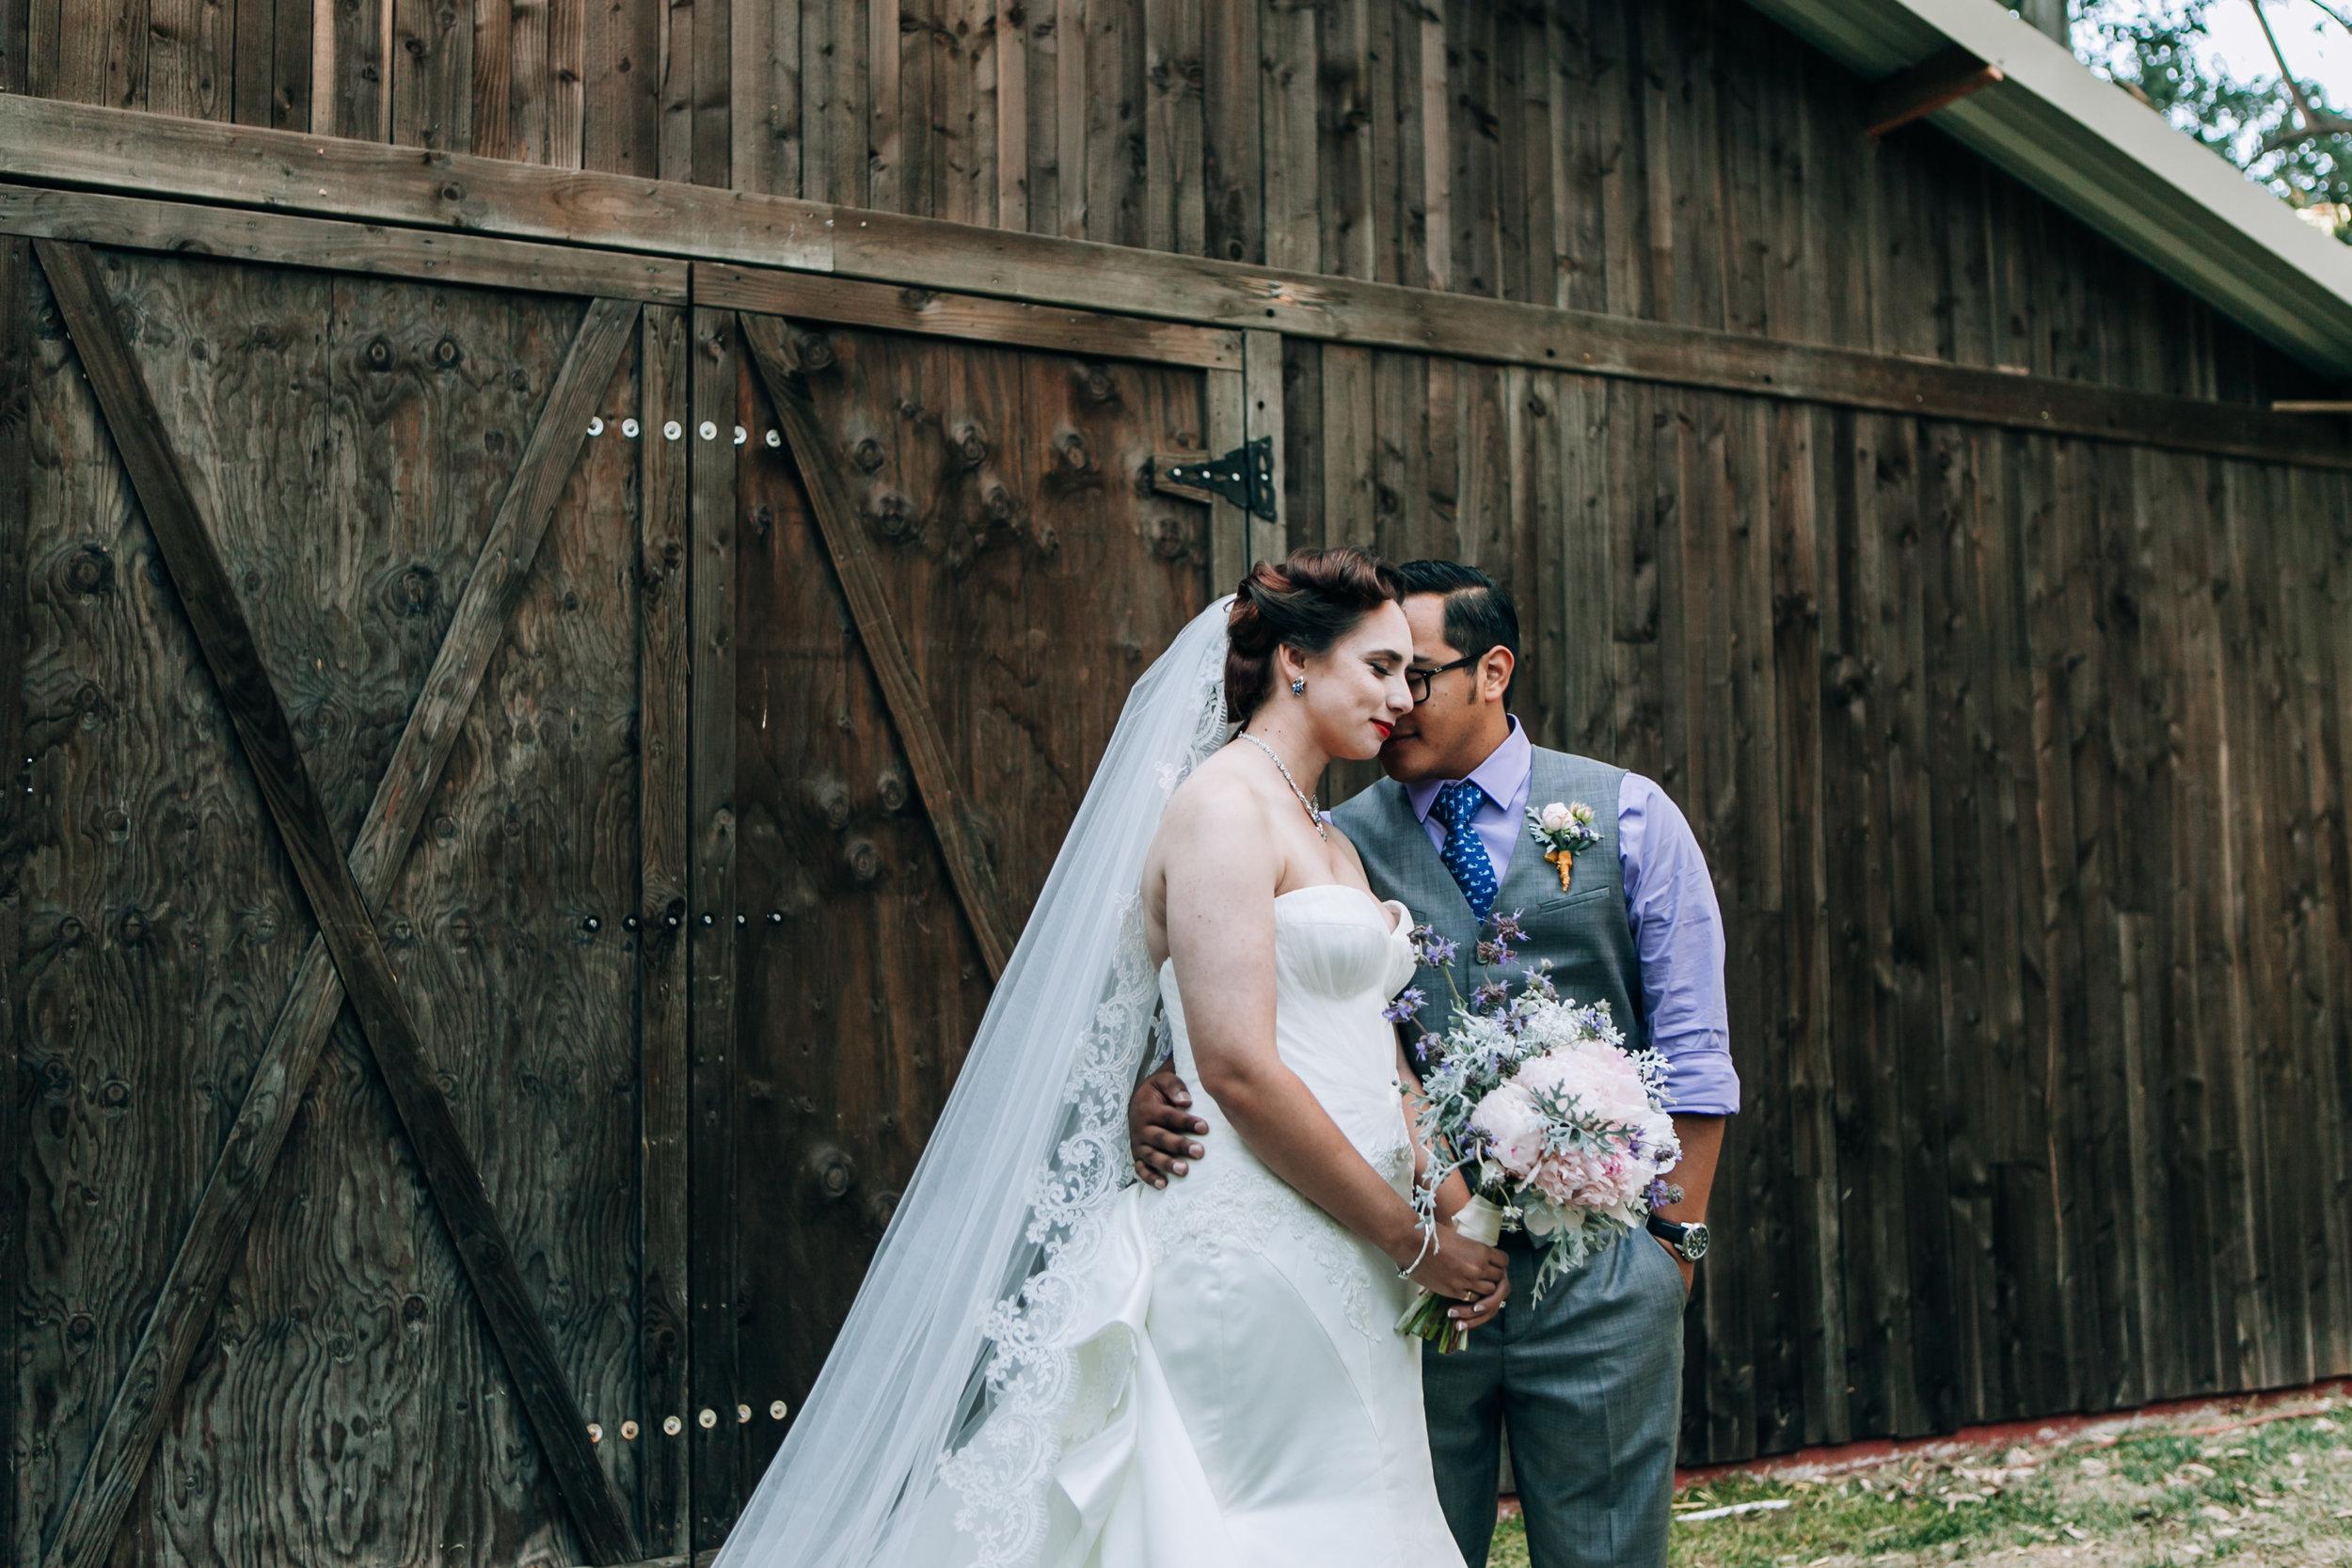 Kara Nixon Weddings Calamigos Ranch